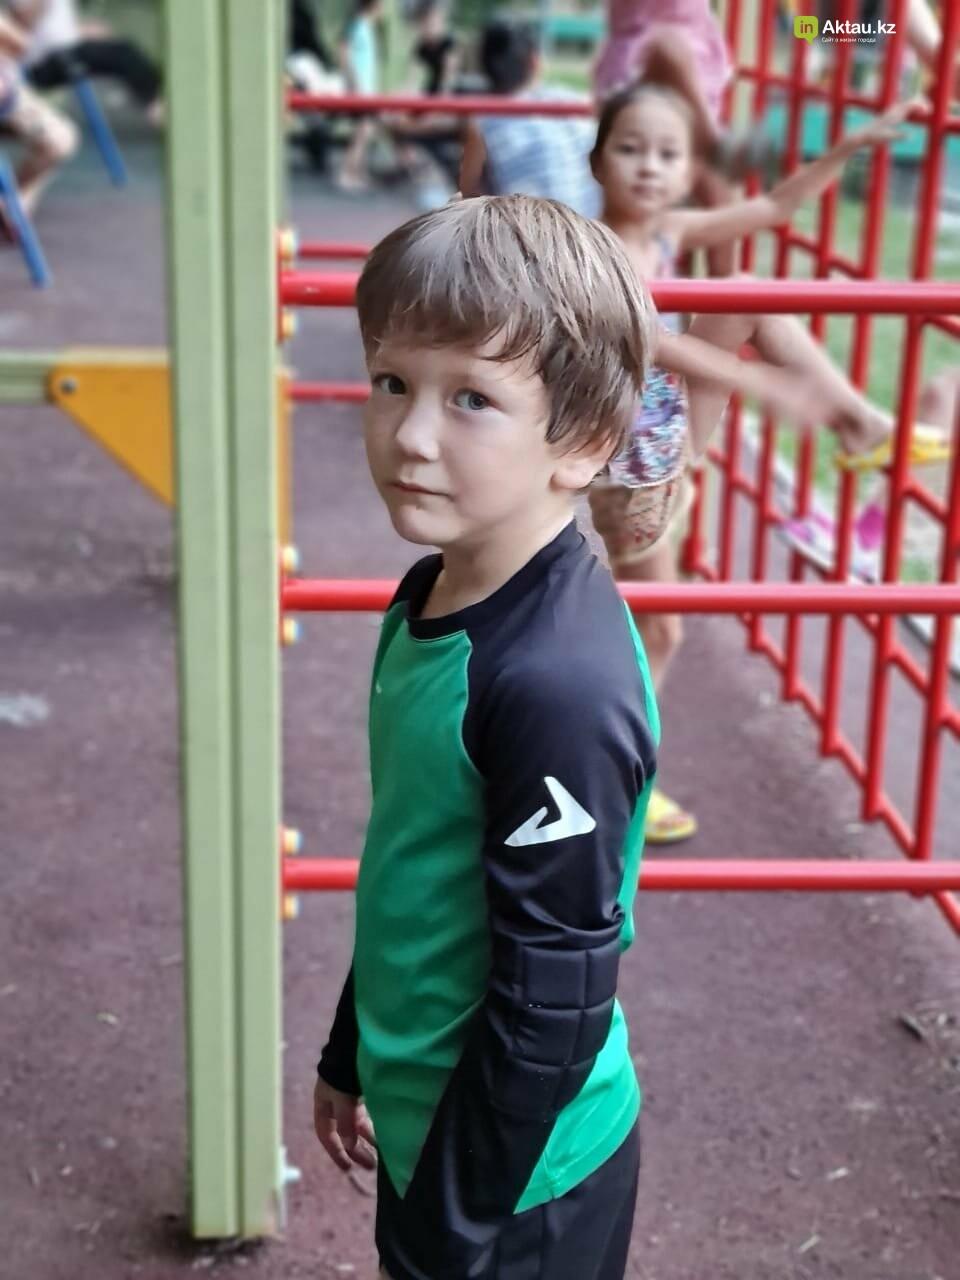 Мальчик-акробат из Актау удивляет казахстанцев, фото-5